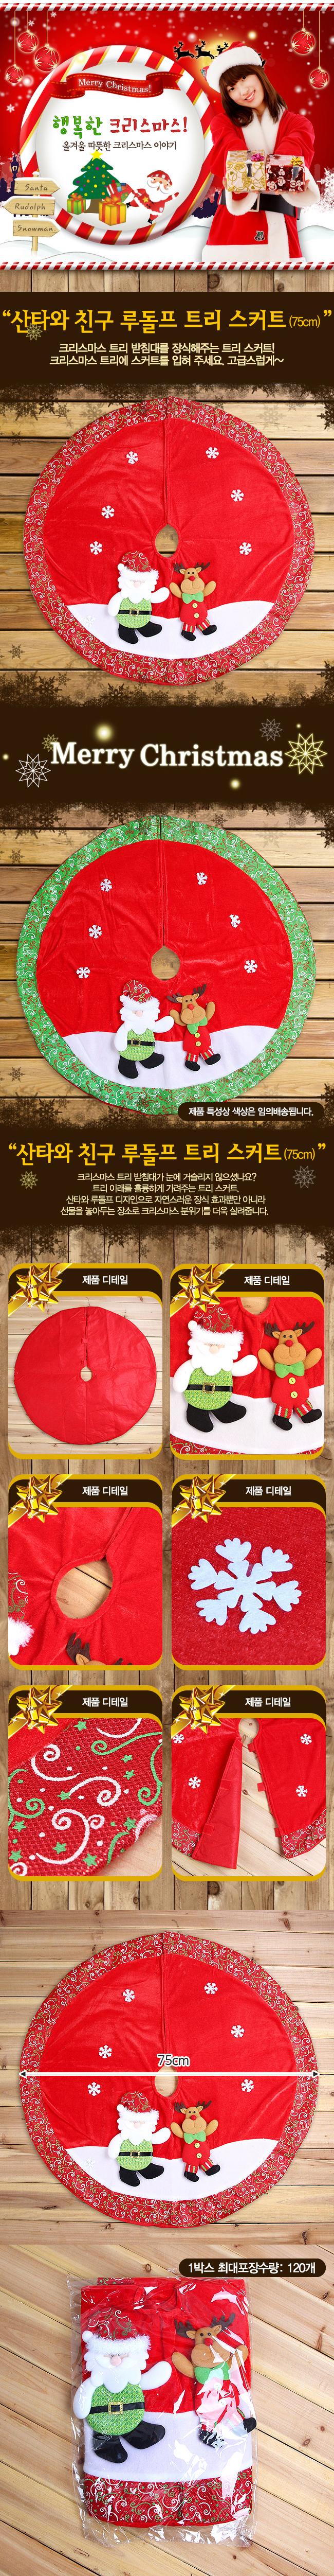 산타와 친구 눈사람 트리스커트(75cm)/트리장식 - 기프트갓, 12,330원, 장식품, 크리스마스소품